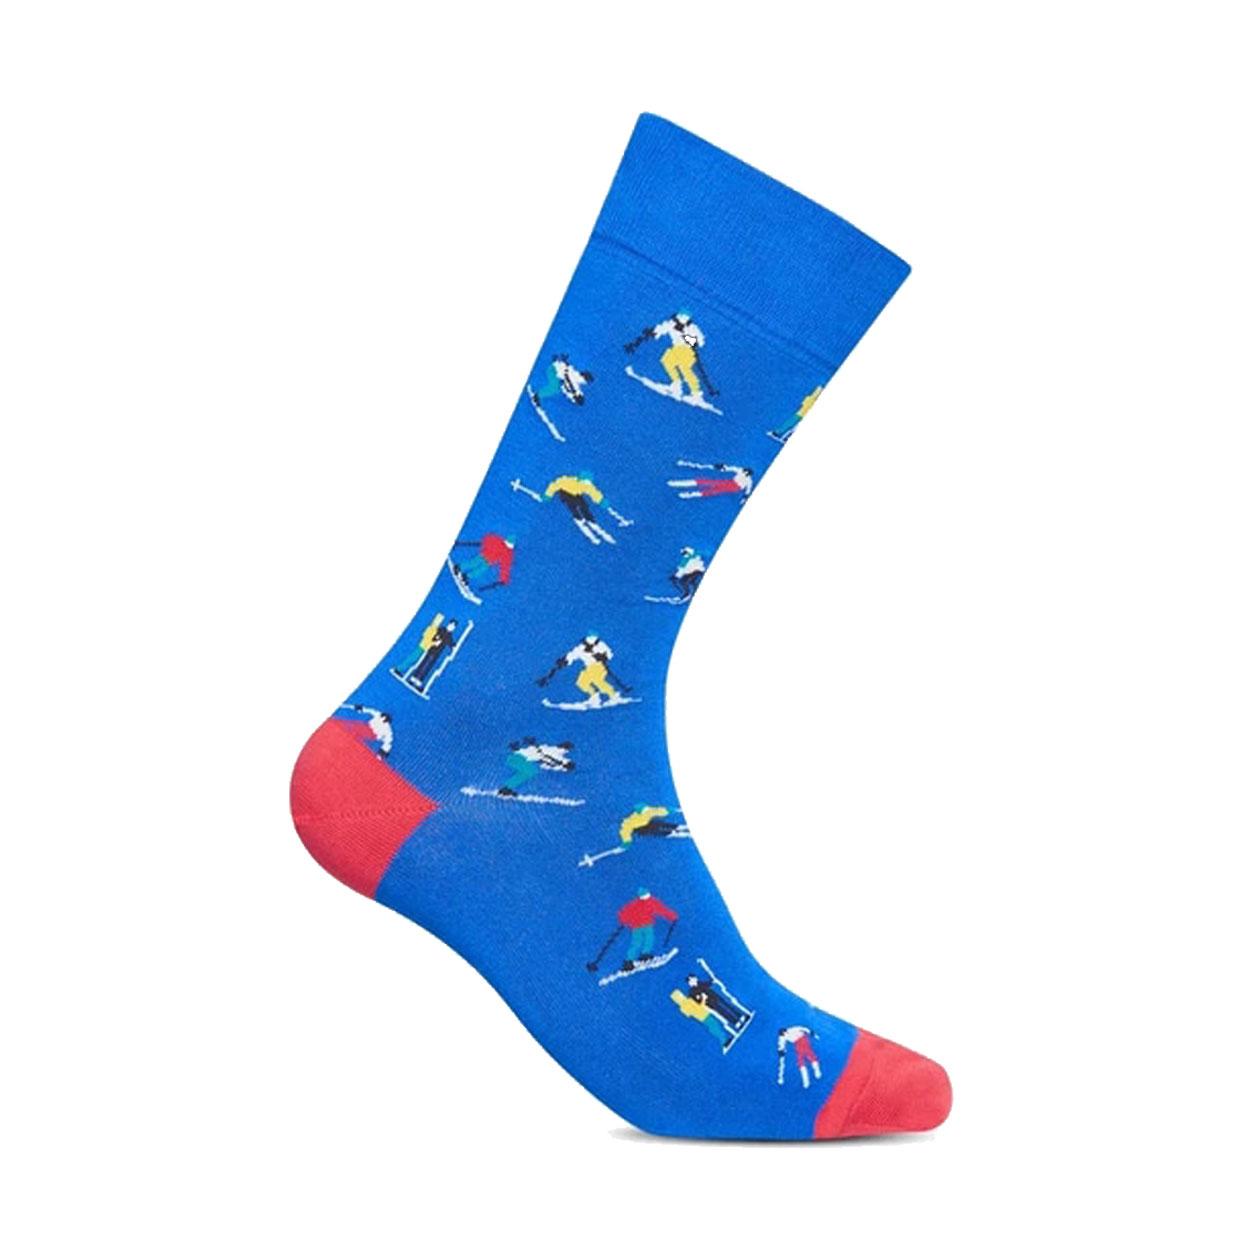 Lot de 3 paires de chaussettes  ski en coton mélangé bleu à imprimés skieurs